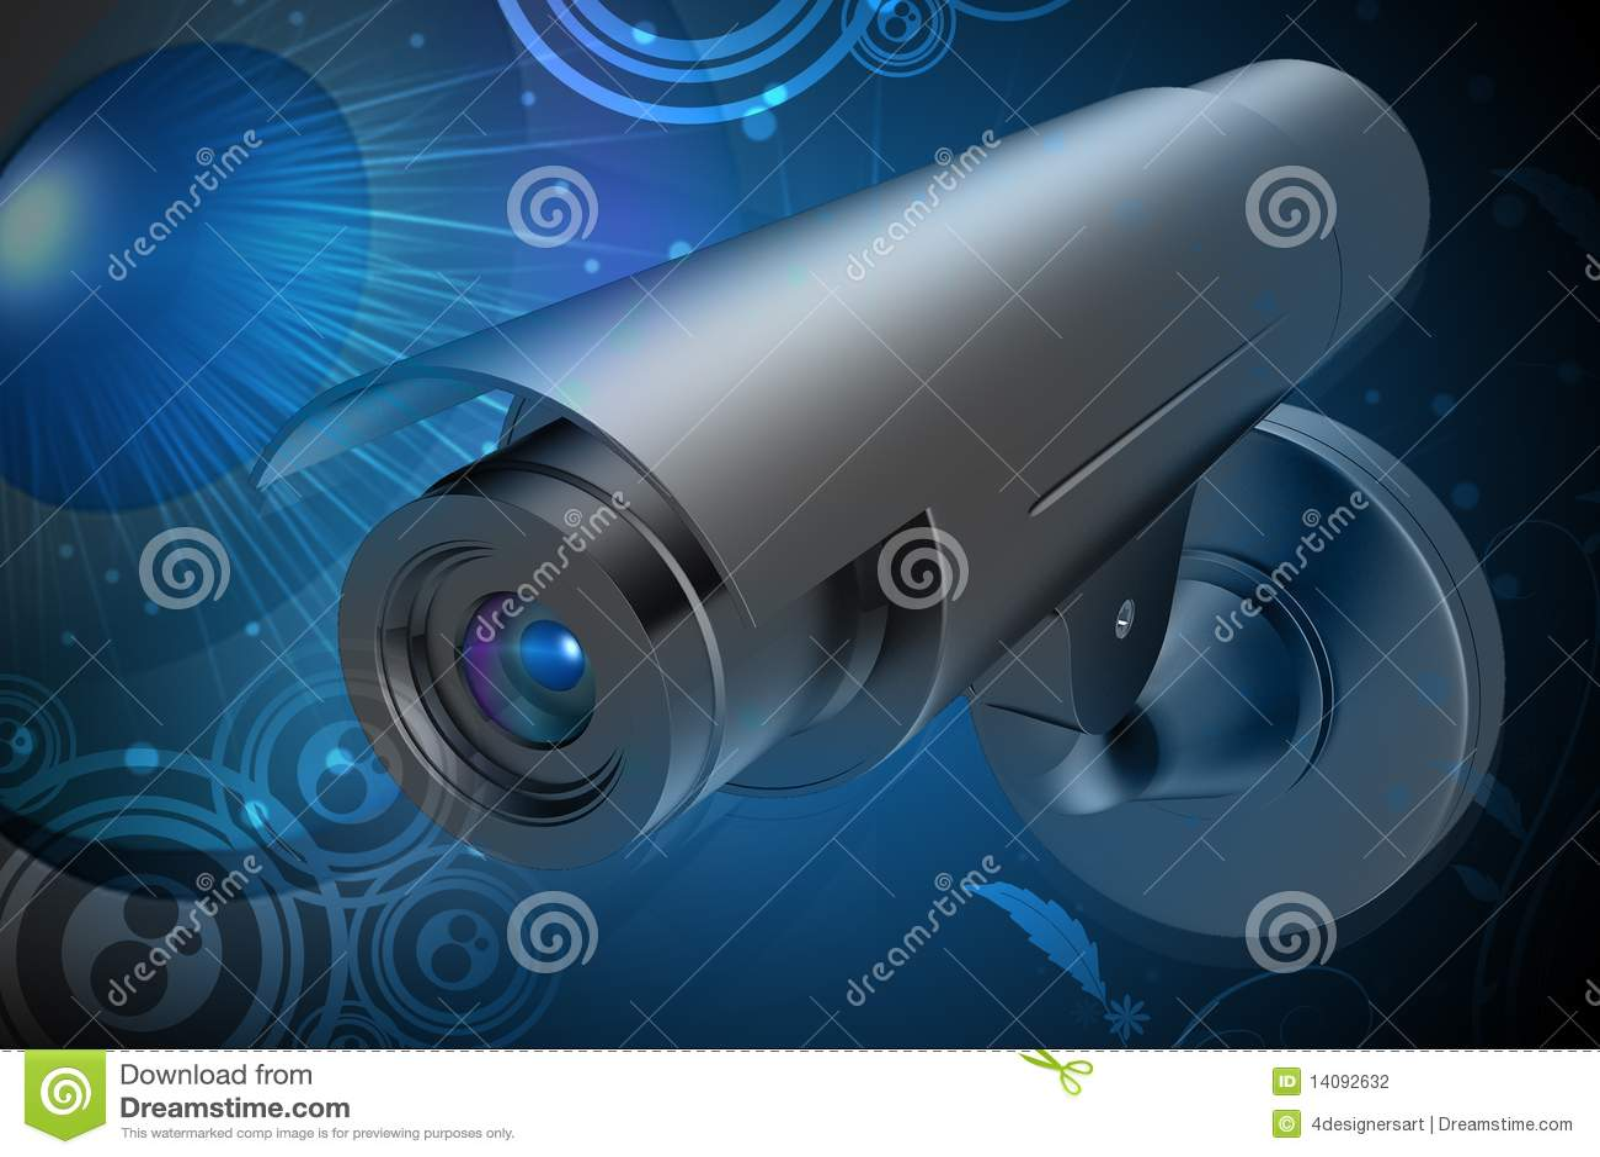 Videocamera Di Sicurezza Fotografia Stock - Immagine: 14092632